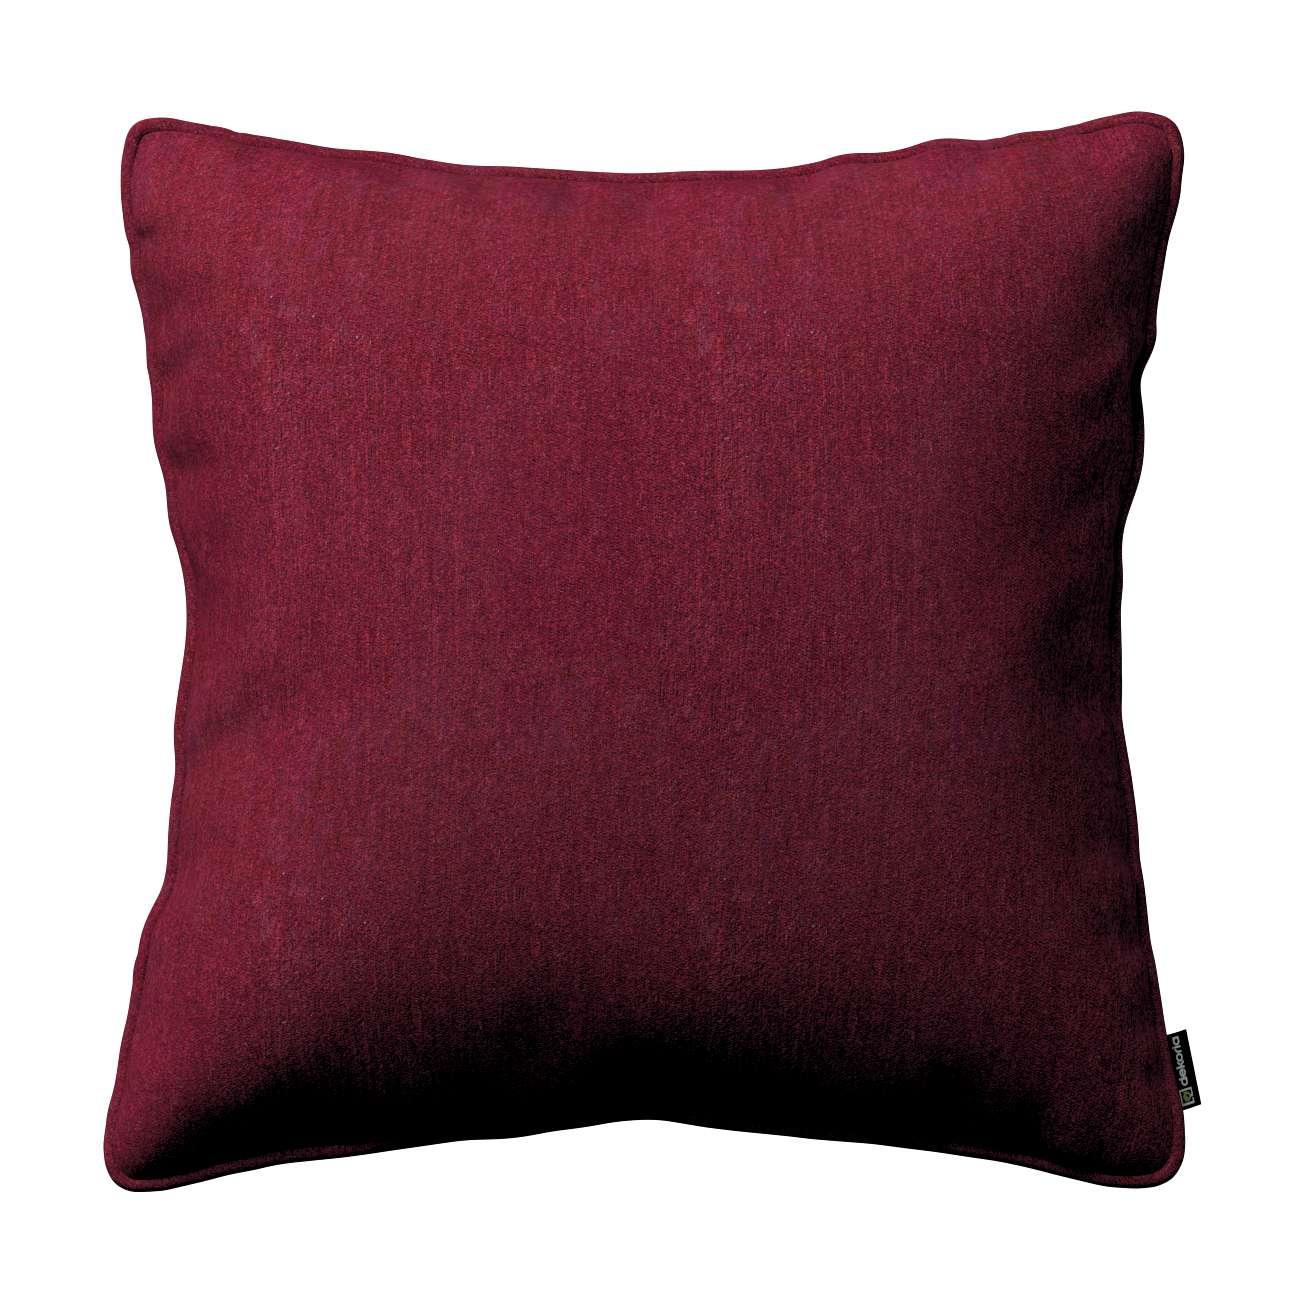 Poszewka Gabi na poduszkę 45 x 45 cm w kolekcji Chenille, tkanina: 702-19